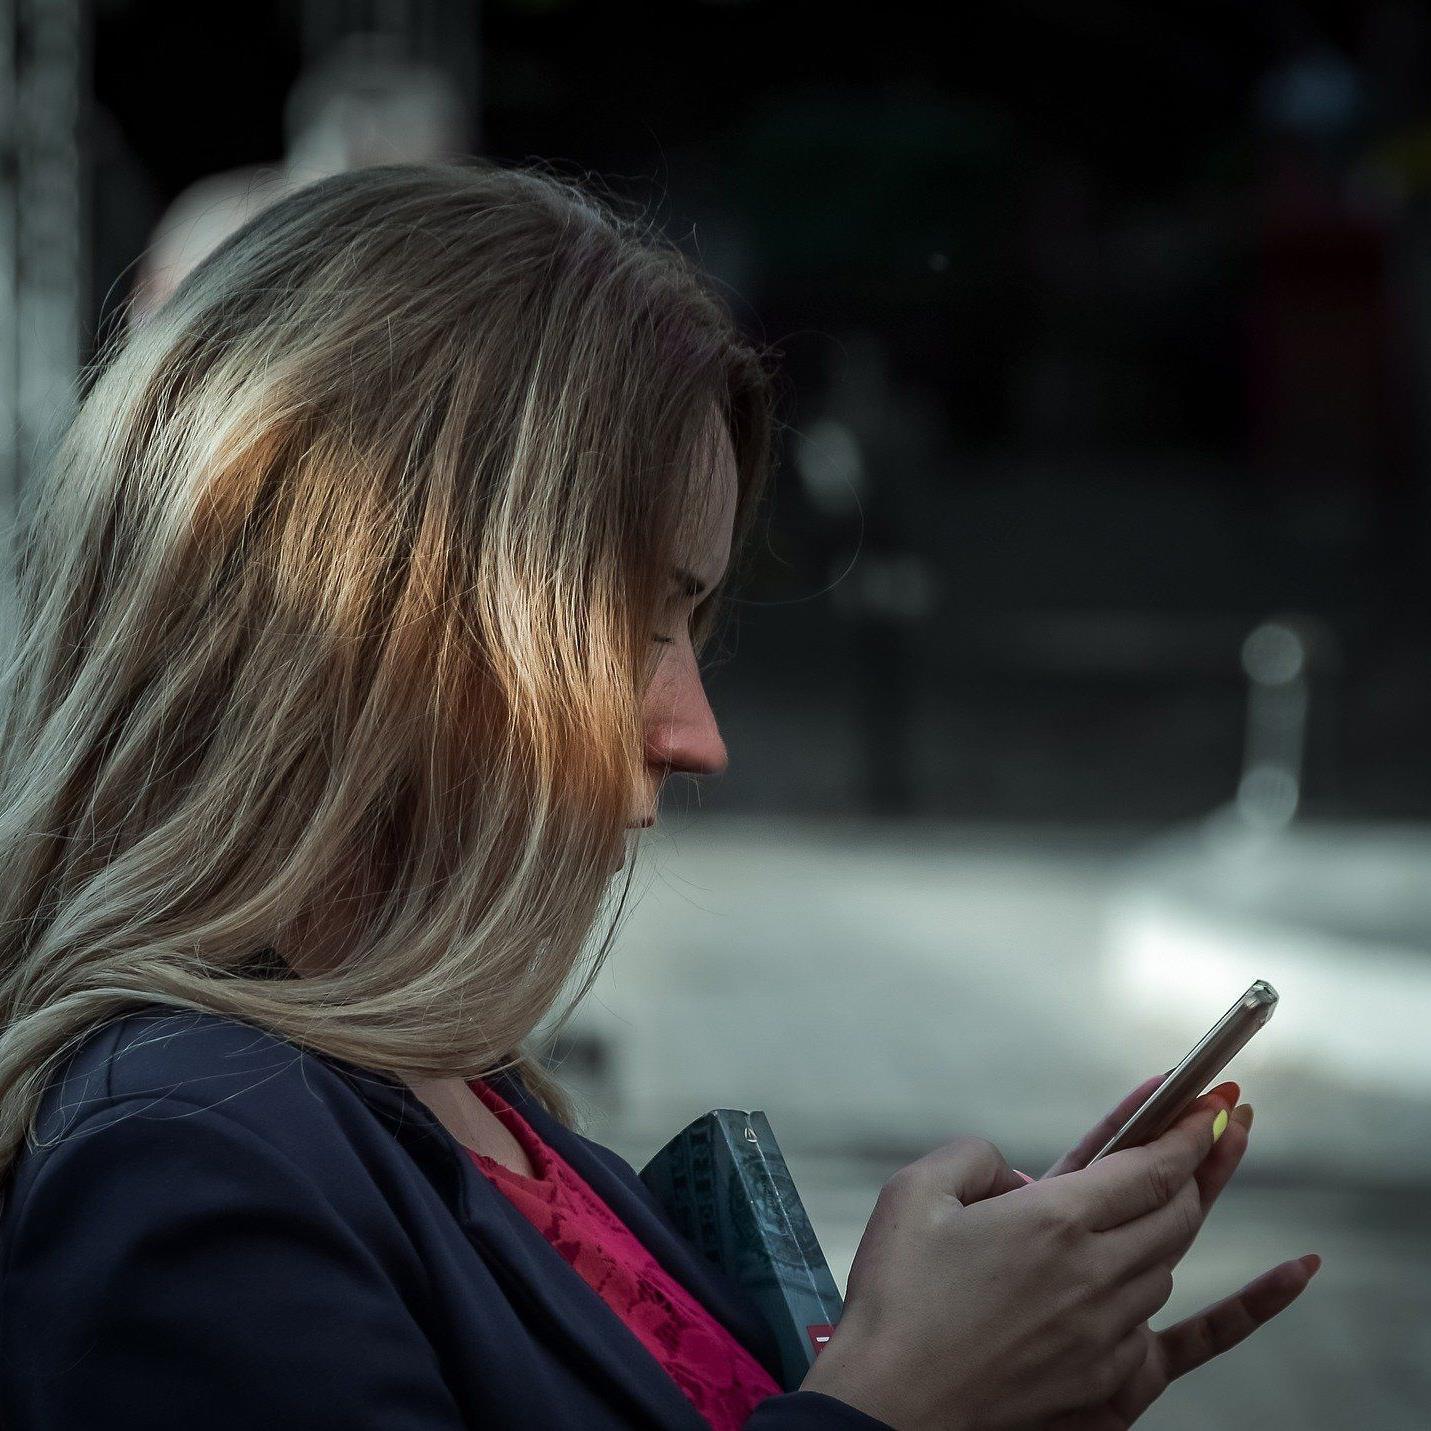 Ein Dienst zeigt, wer hinter einer unbekannten Nummer steckt.